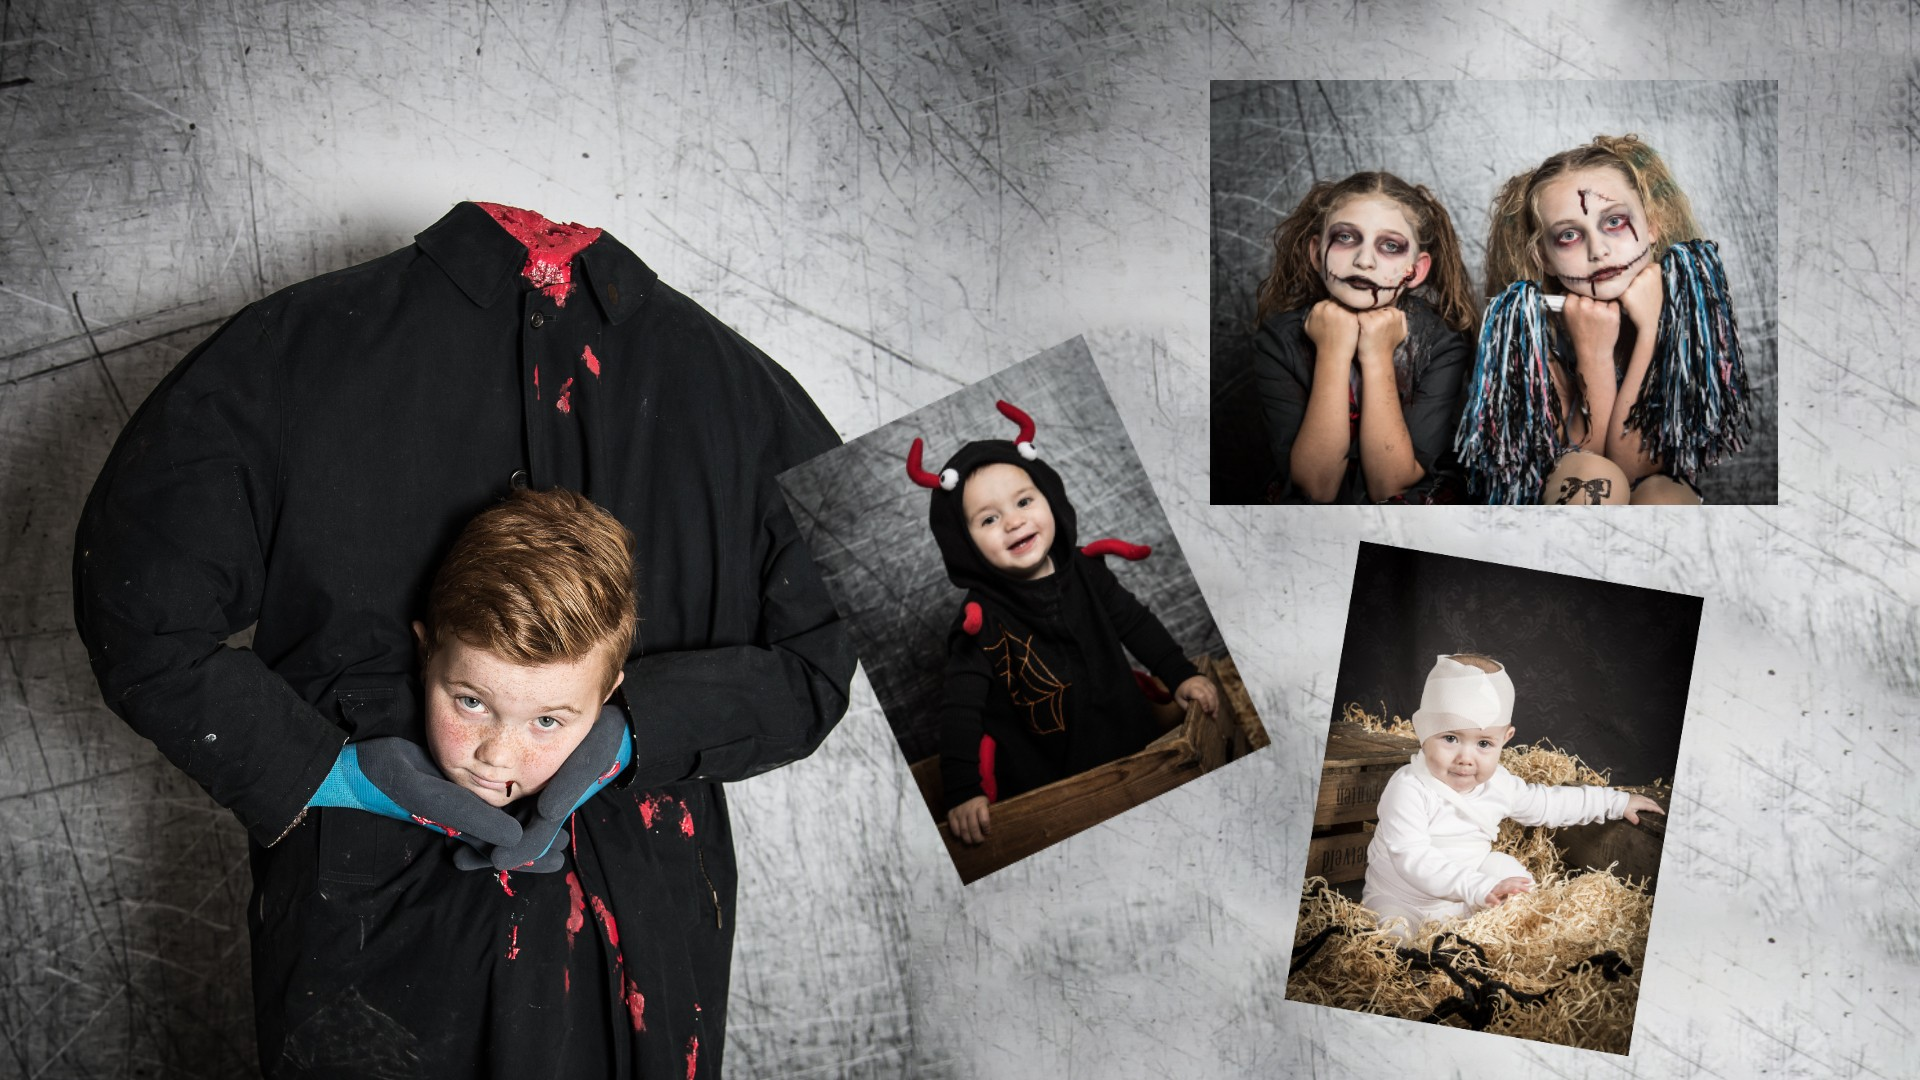 Pinkstudio by Angelina Devine Halloween2019 GRATIS Halloween fotografering Nyheder Portræt Tilbud